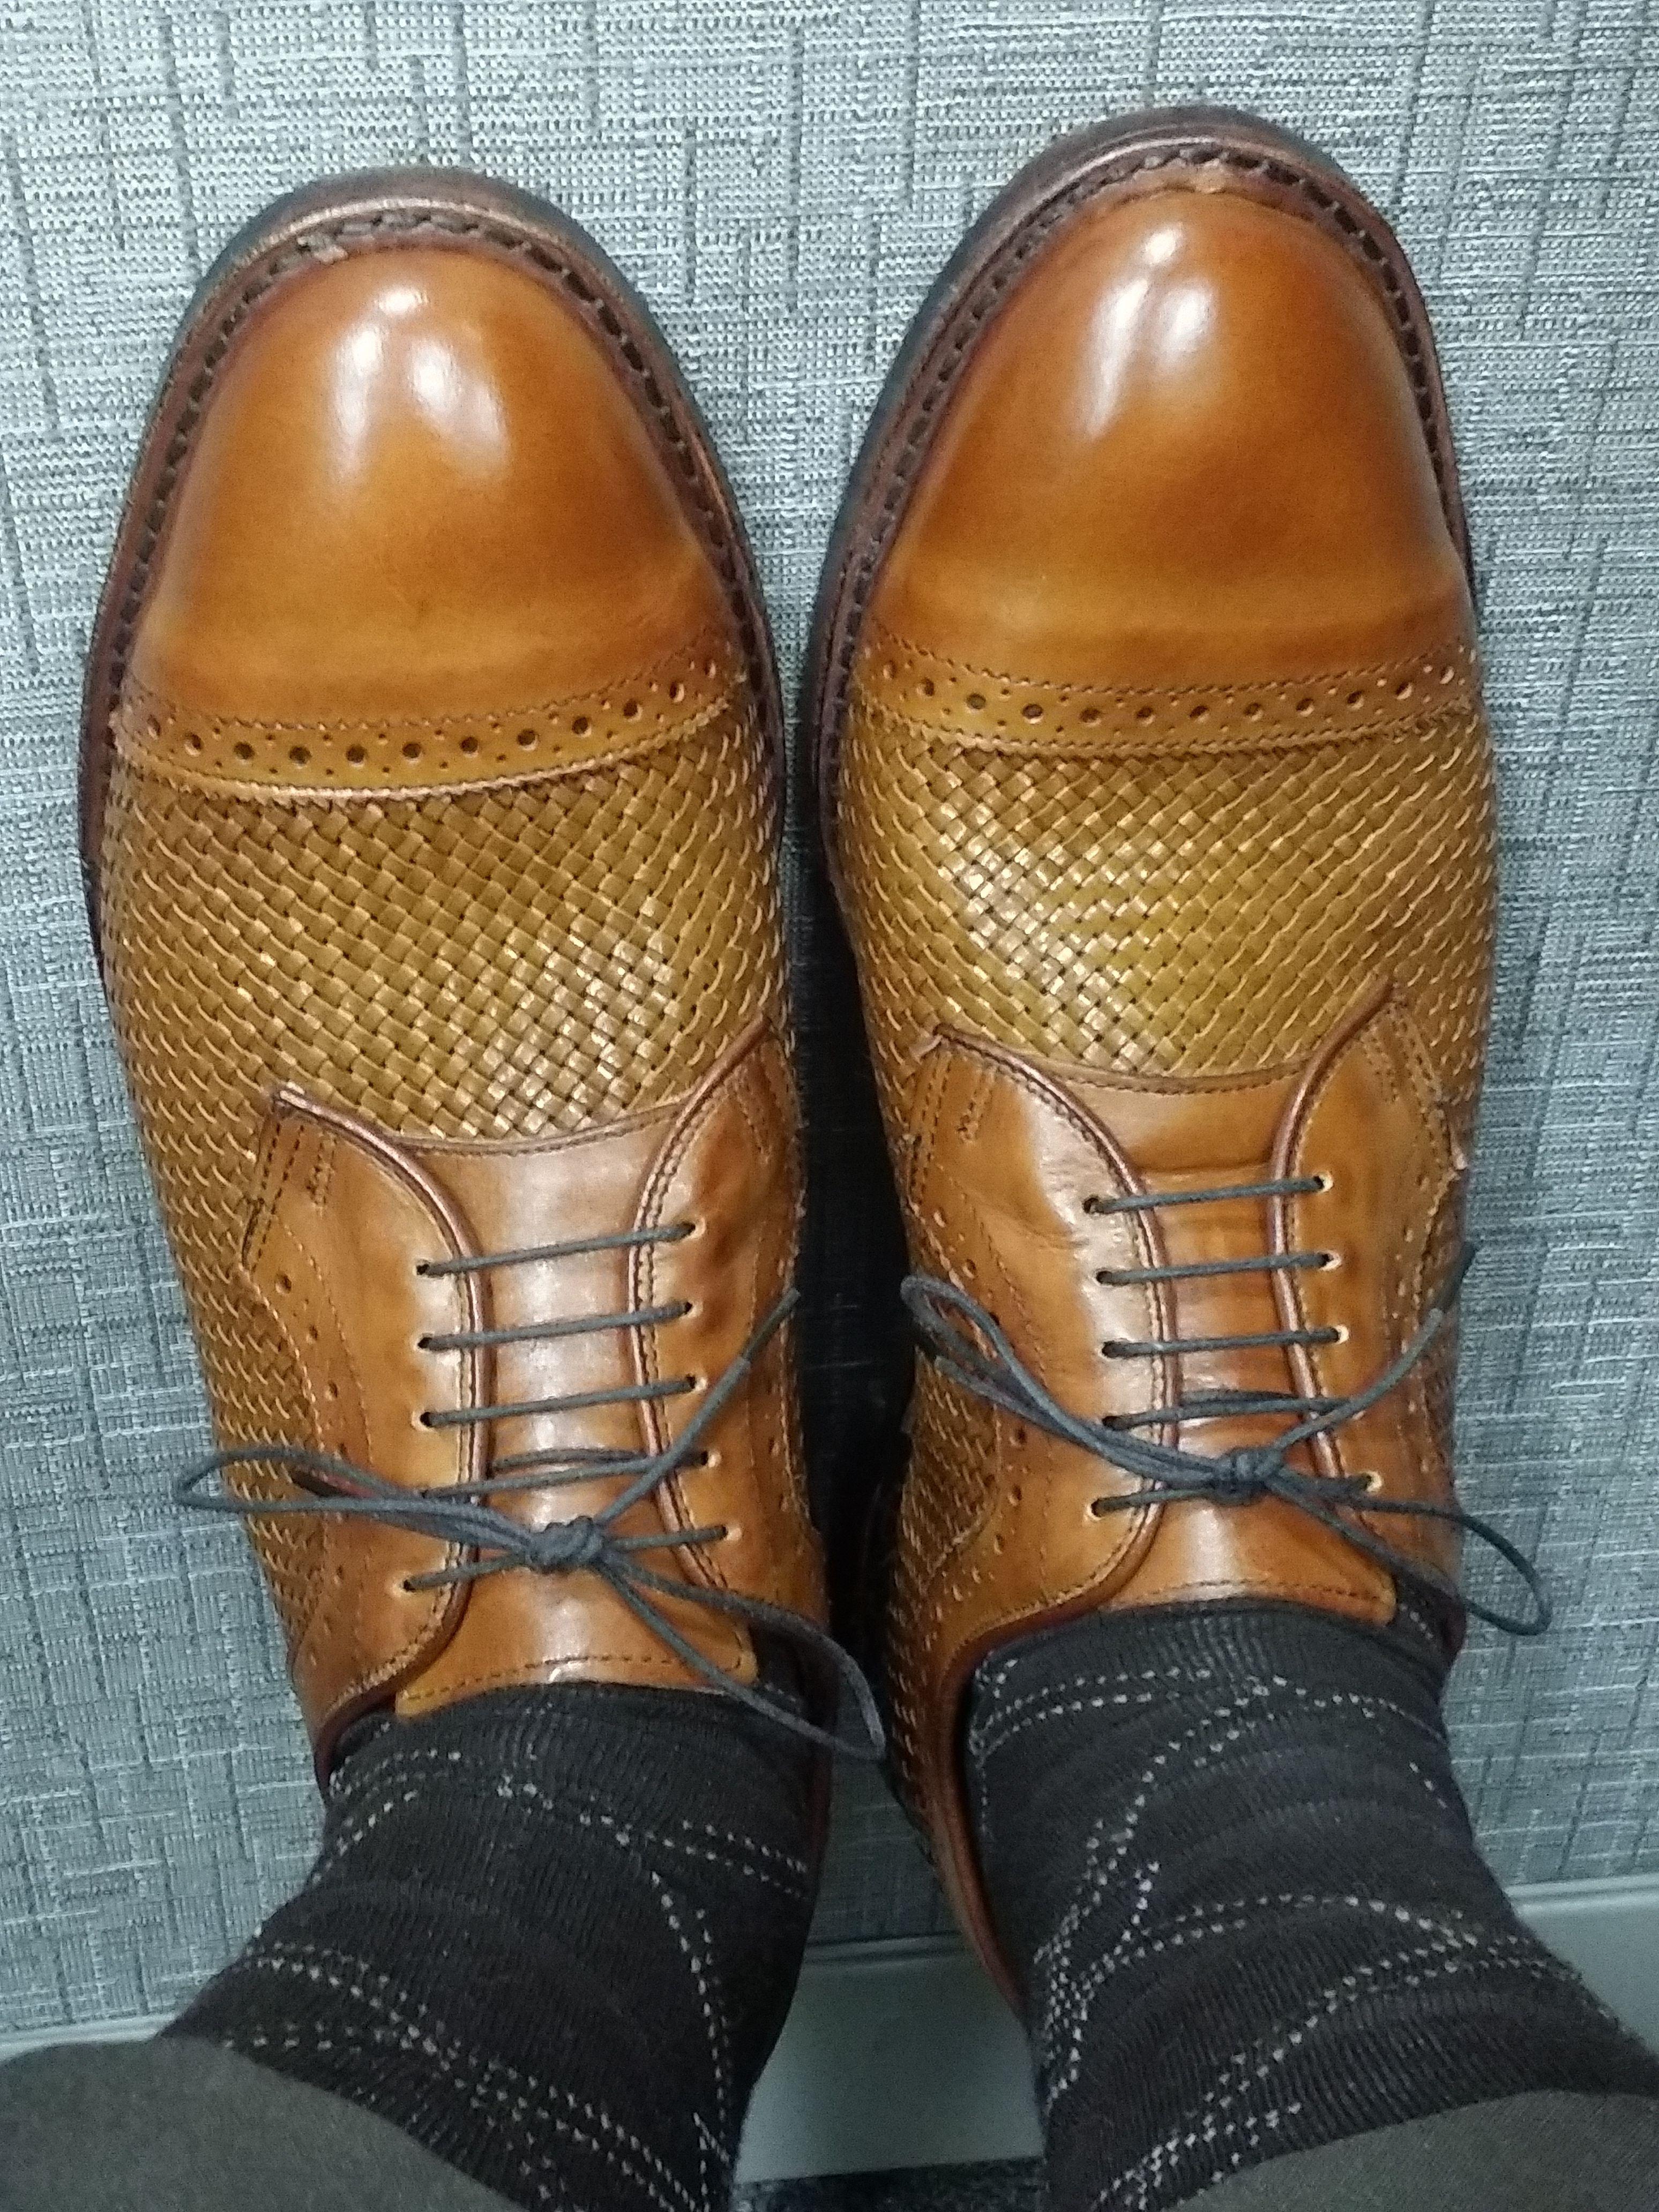 Shoe Stores Shreveport Bossier